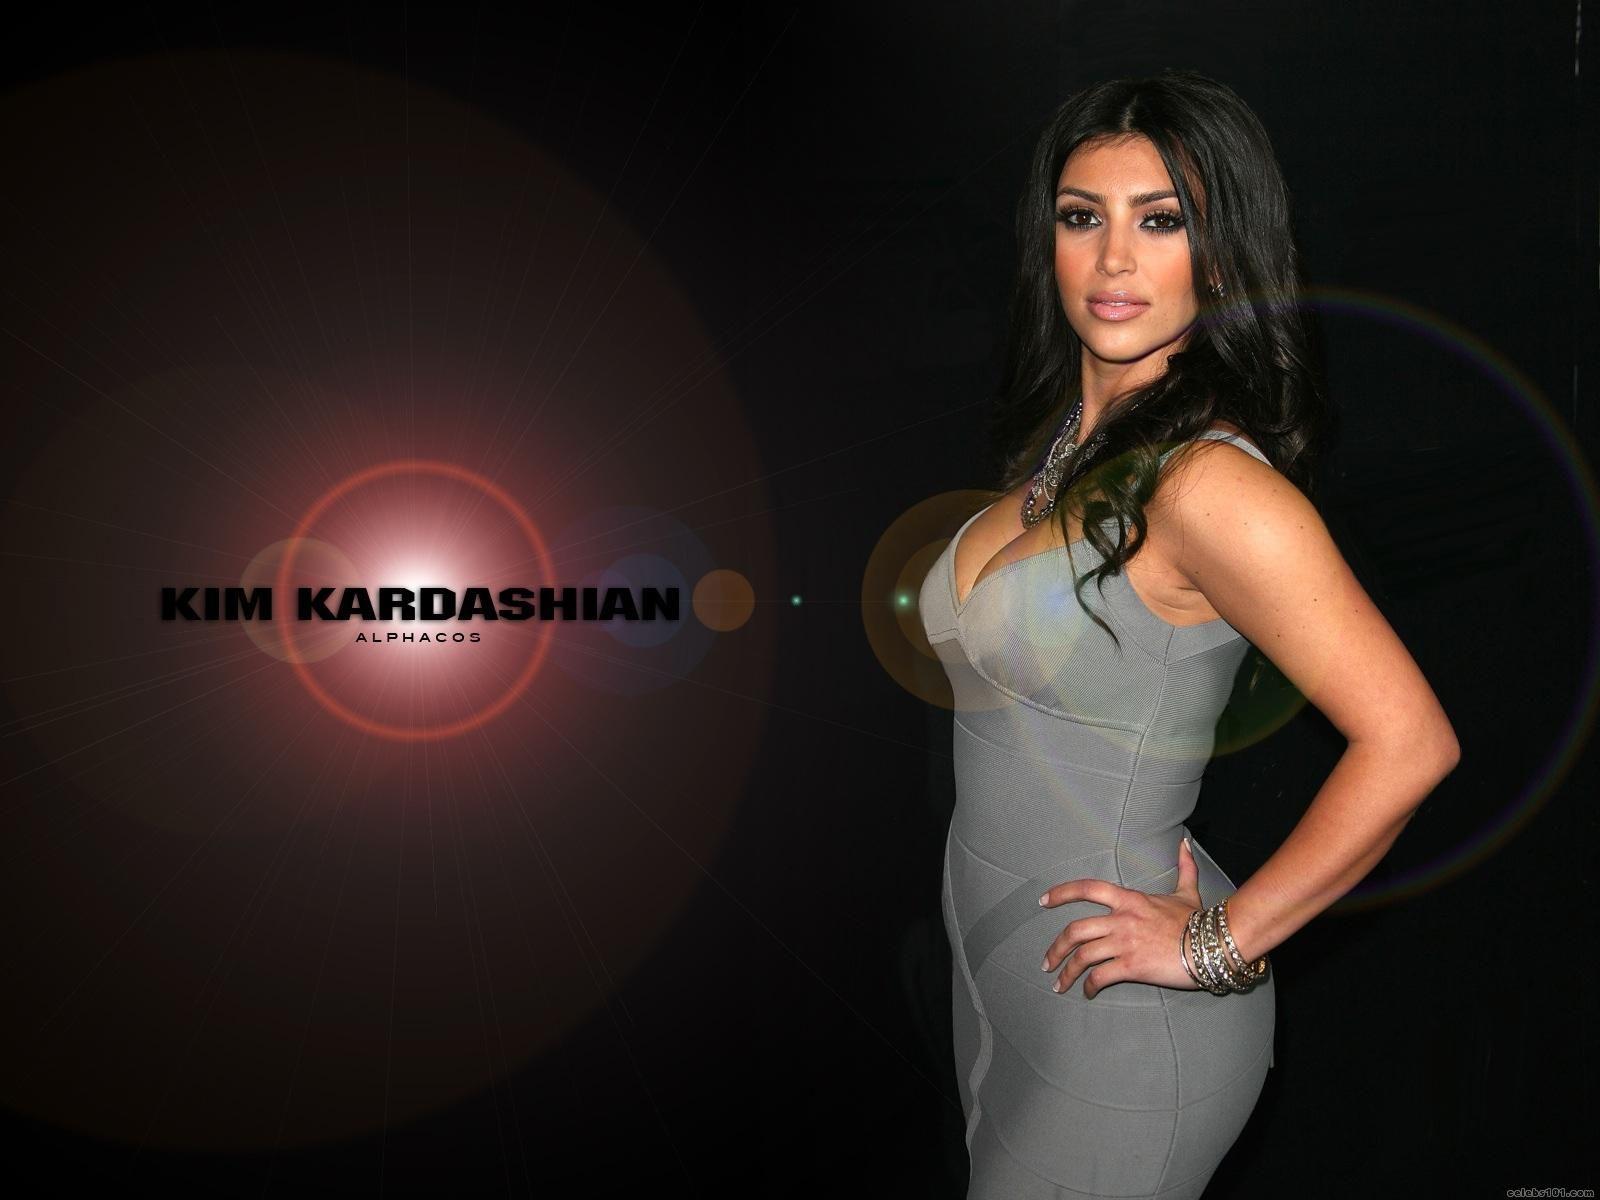 Kim Kardashian Wallpapers Desktop httpwallawycomkim